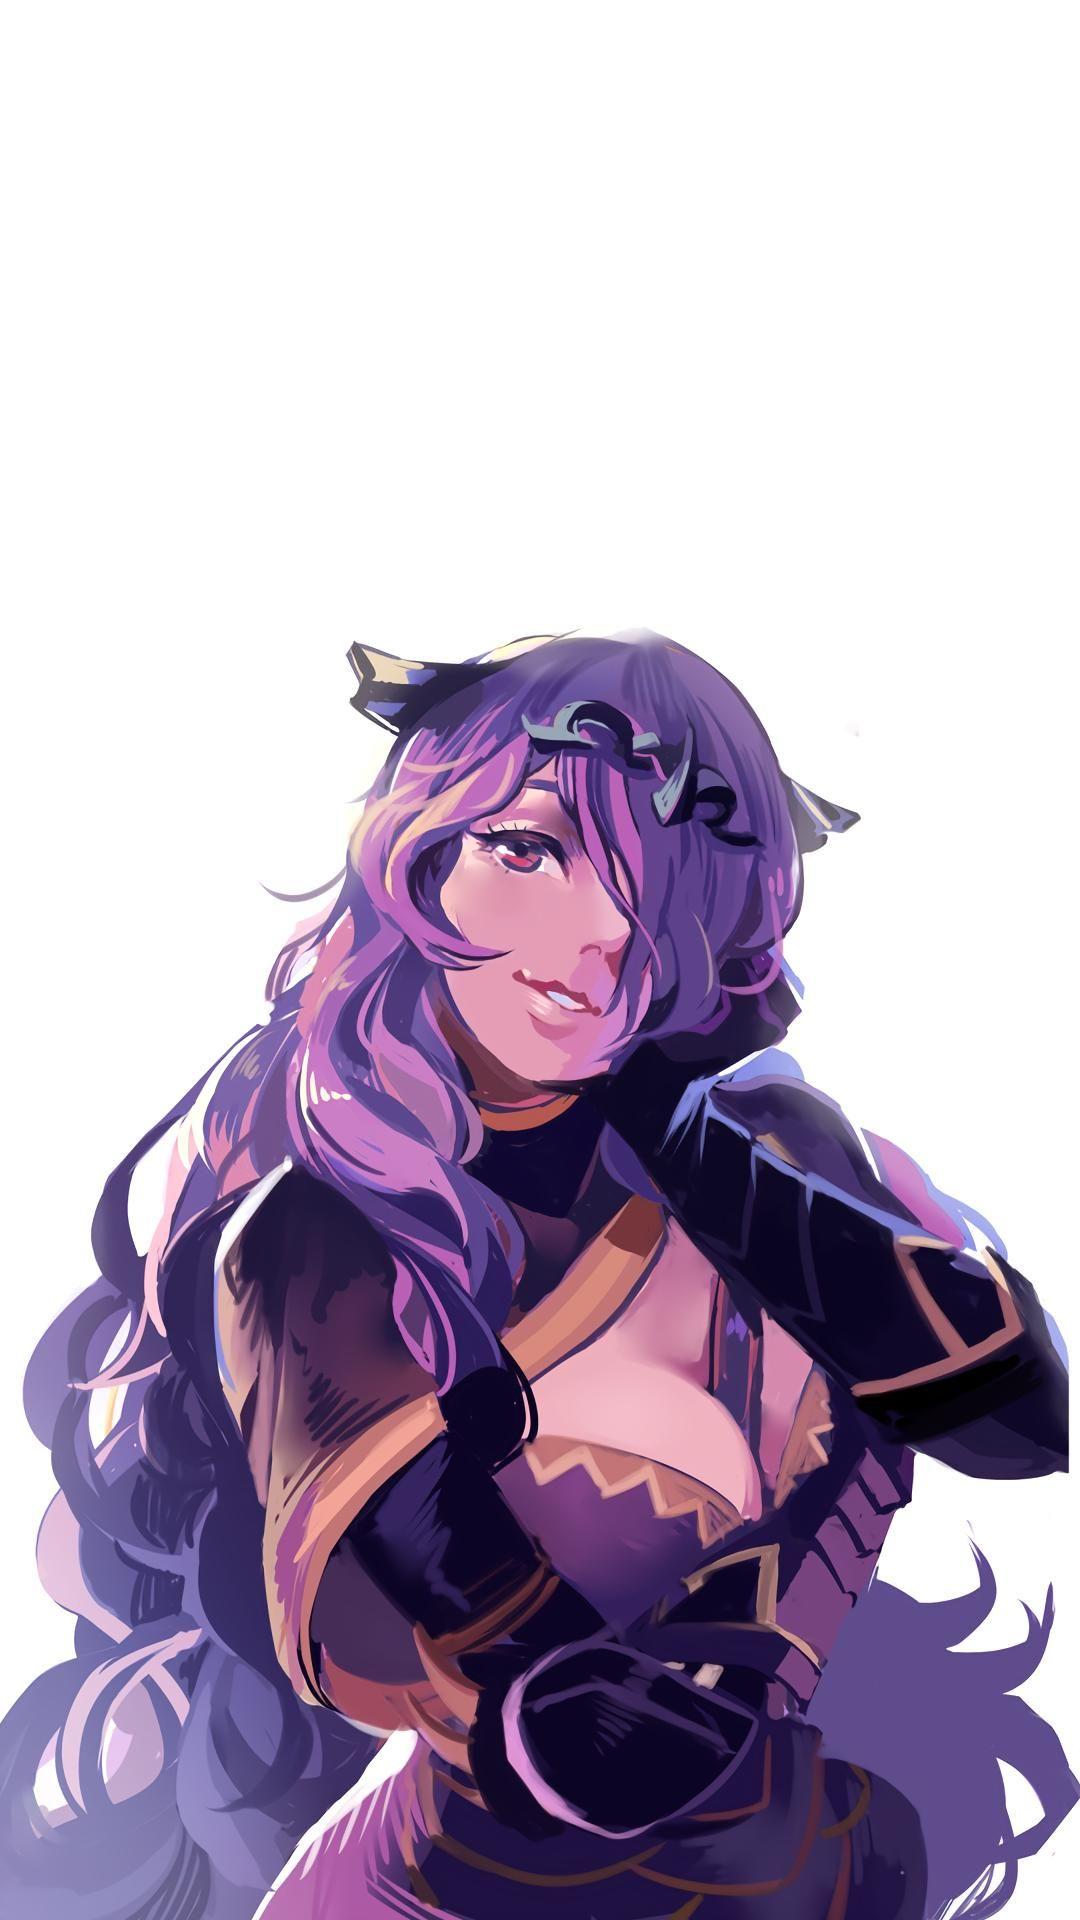 Camilla - Fire Emblem: Fates Mobile Wallpaper [1080x1920 ...